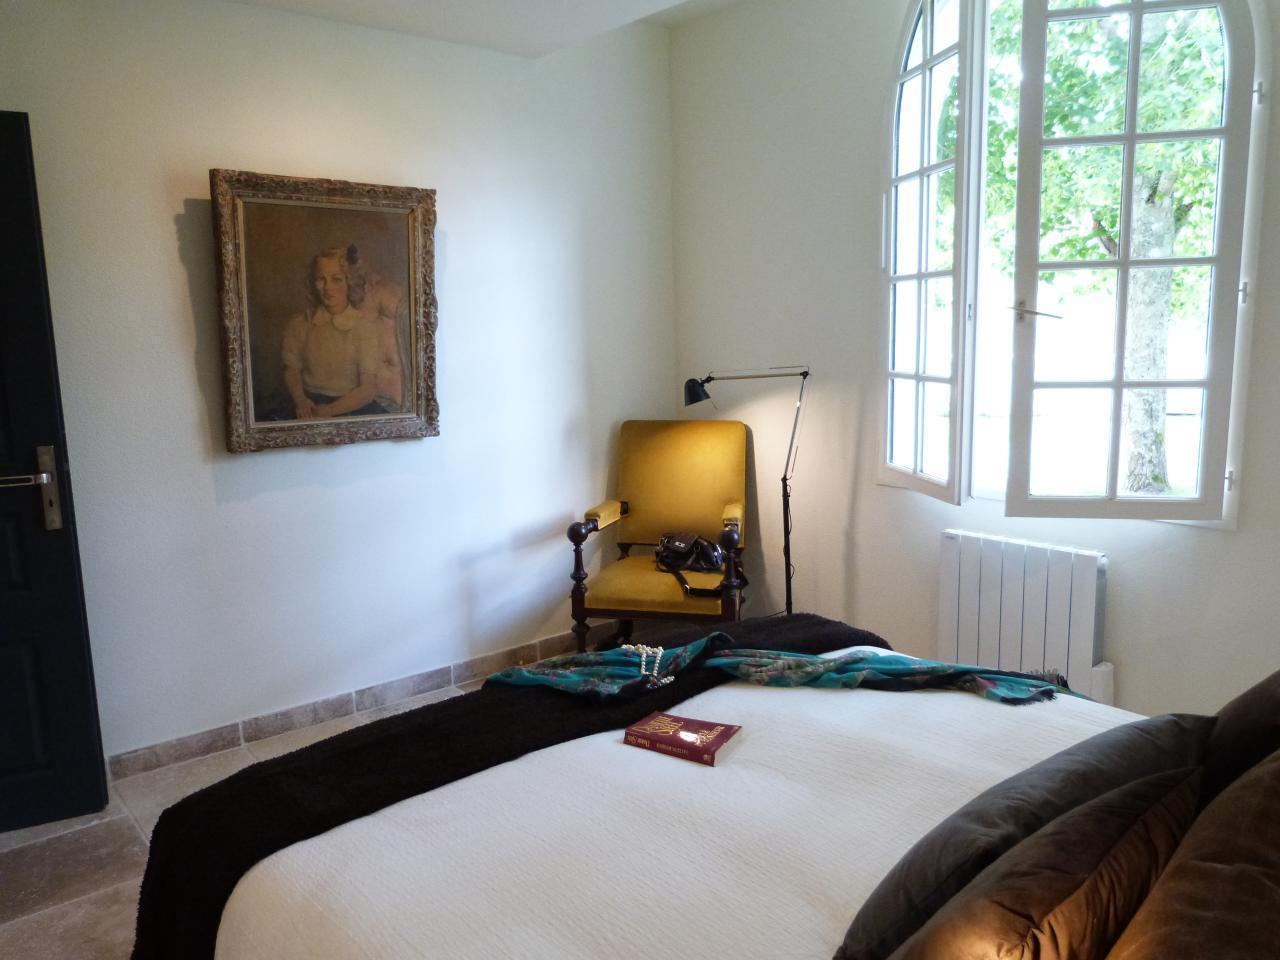 Maison de vacances Exklusives Landhaus mit Top-Küche, beheizter Pool, Naturgarten, unweit von St. Emilion, Bo (1040506), Martillac, Gironde, Aquitaine, France, image 20